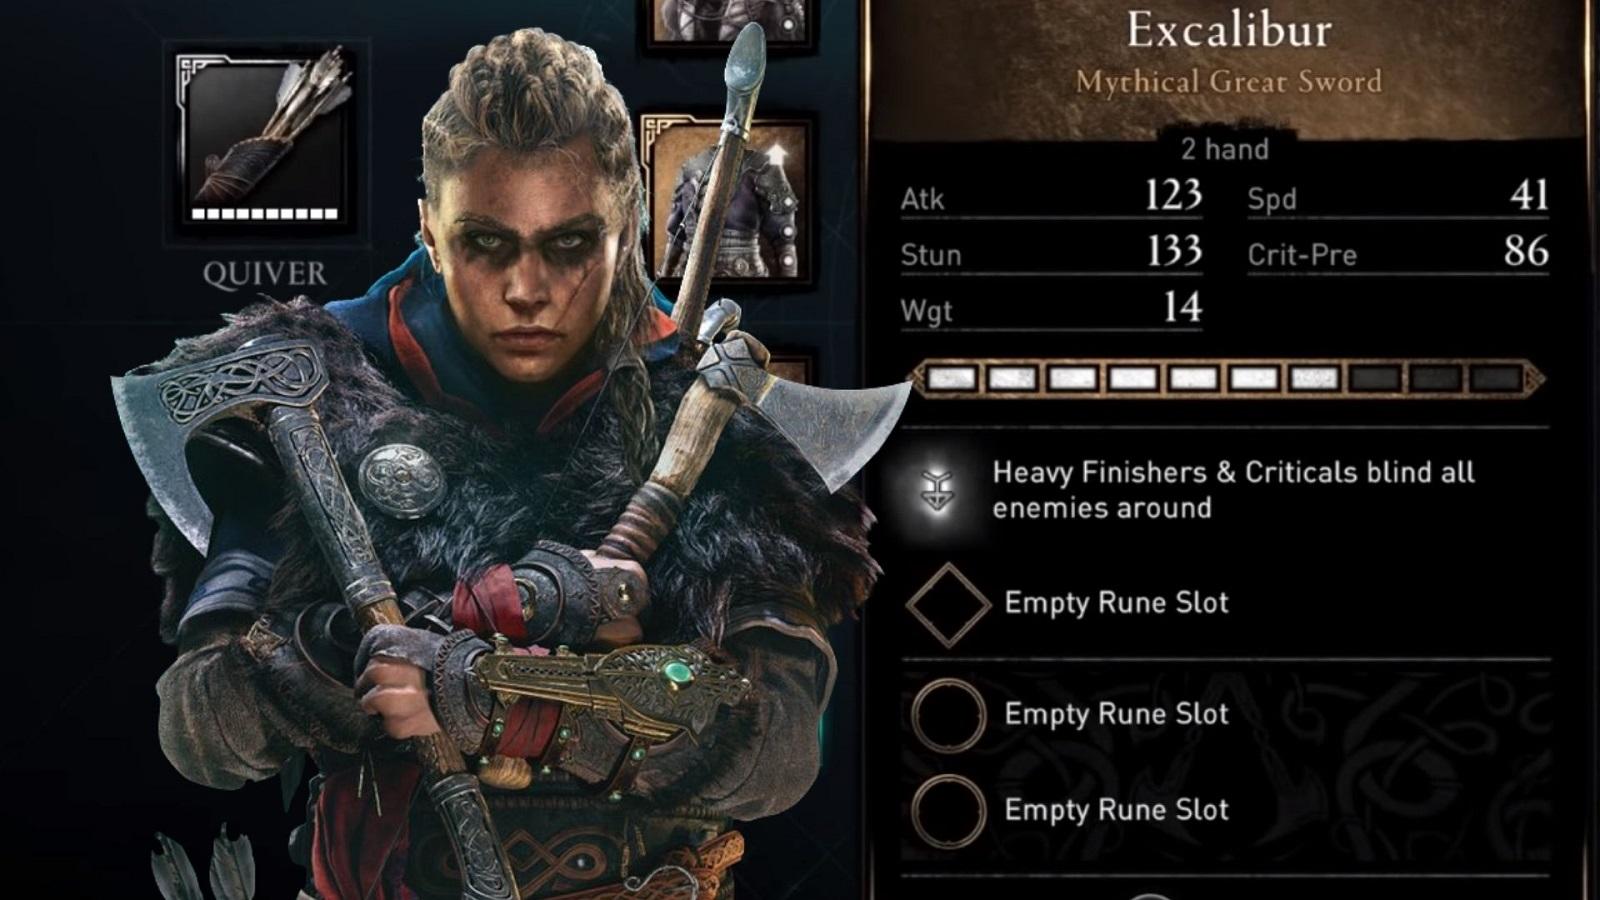 Excalibur stats